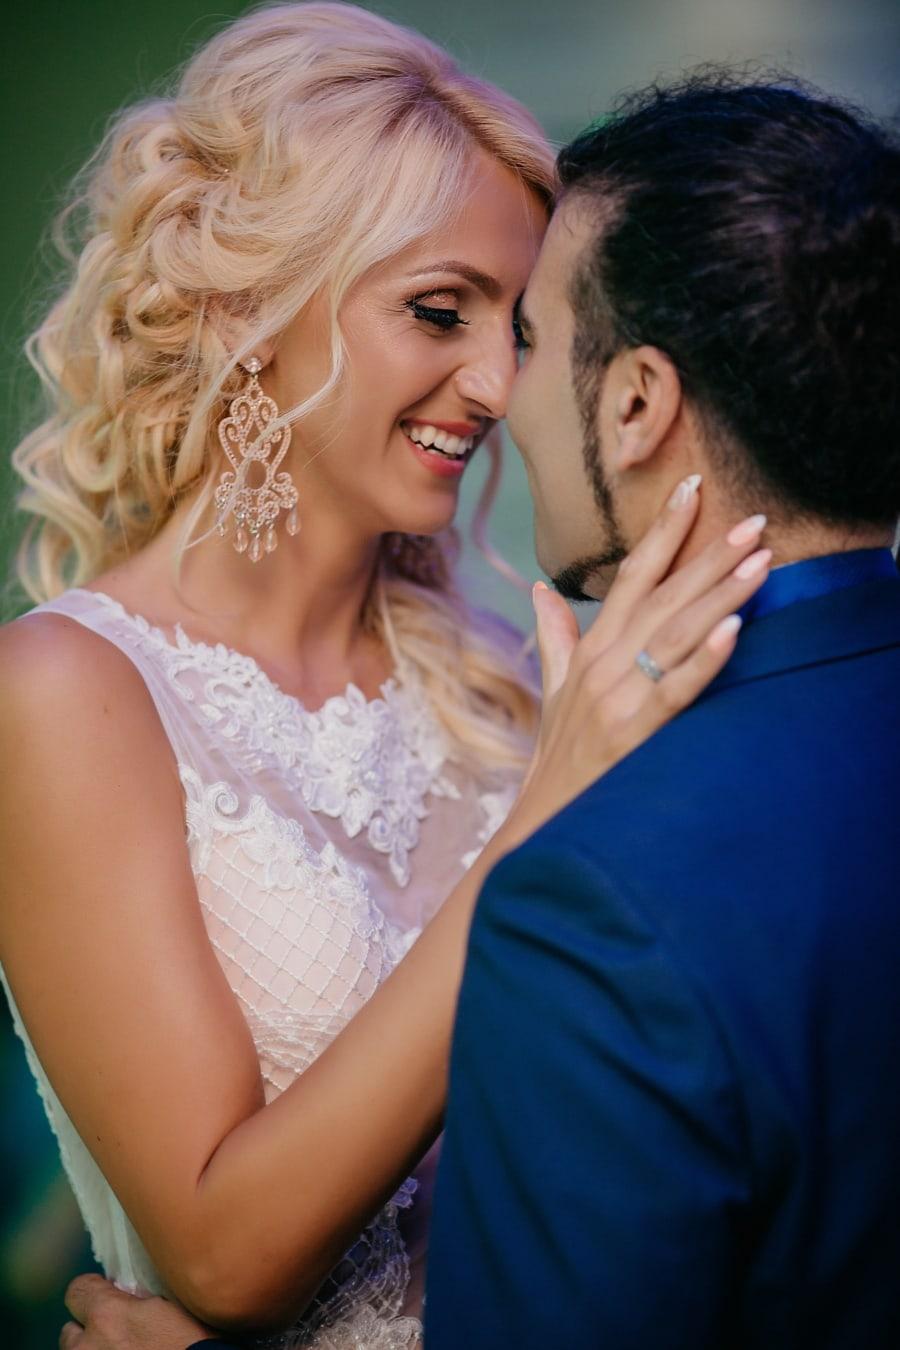 lips, affection, kiss, smile, portrait, face, beautiful, love, romantic, woman